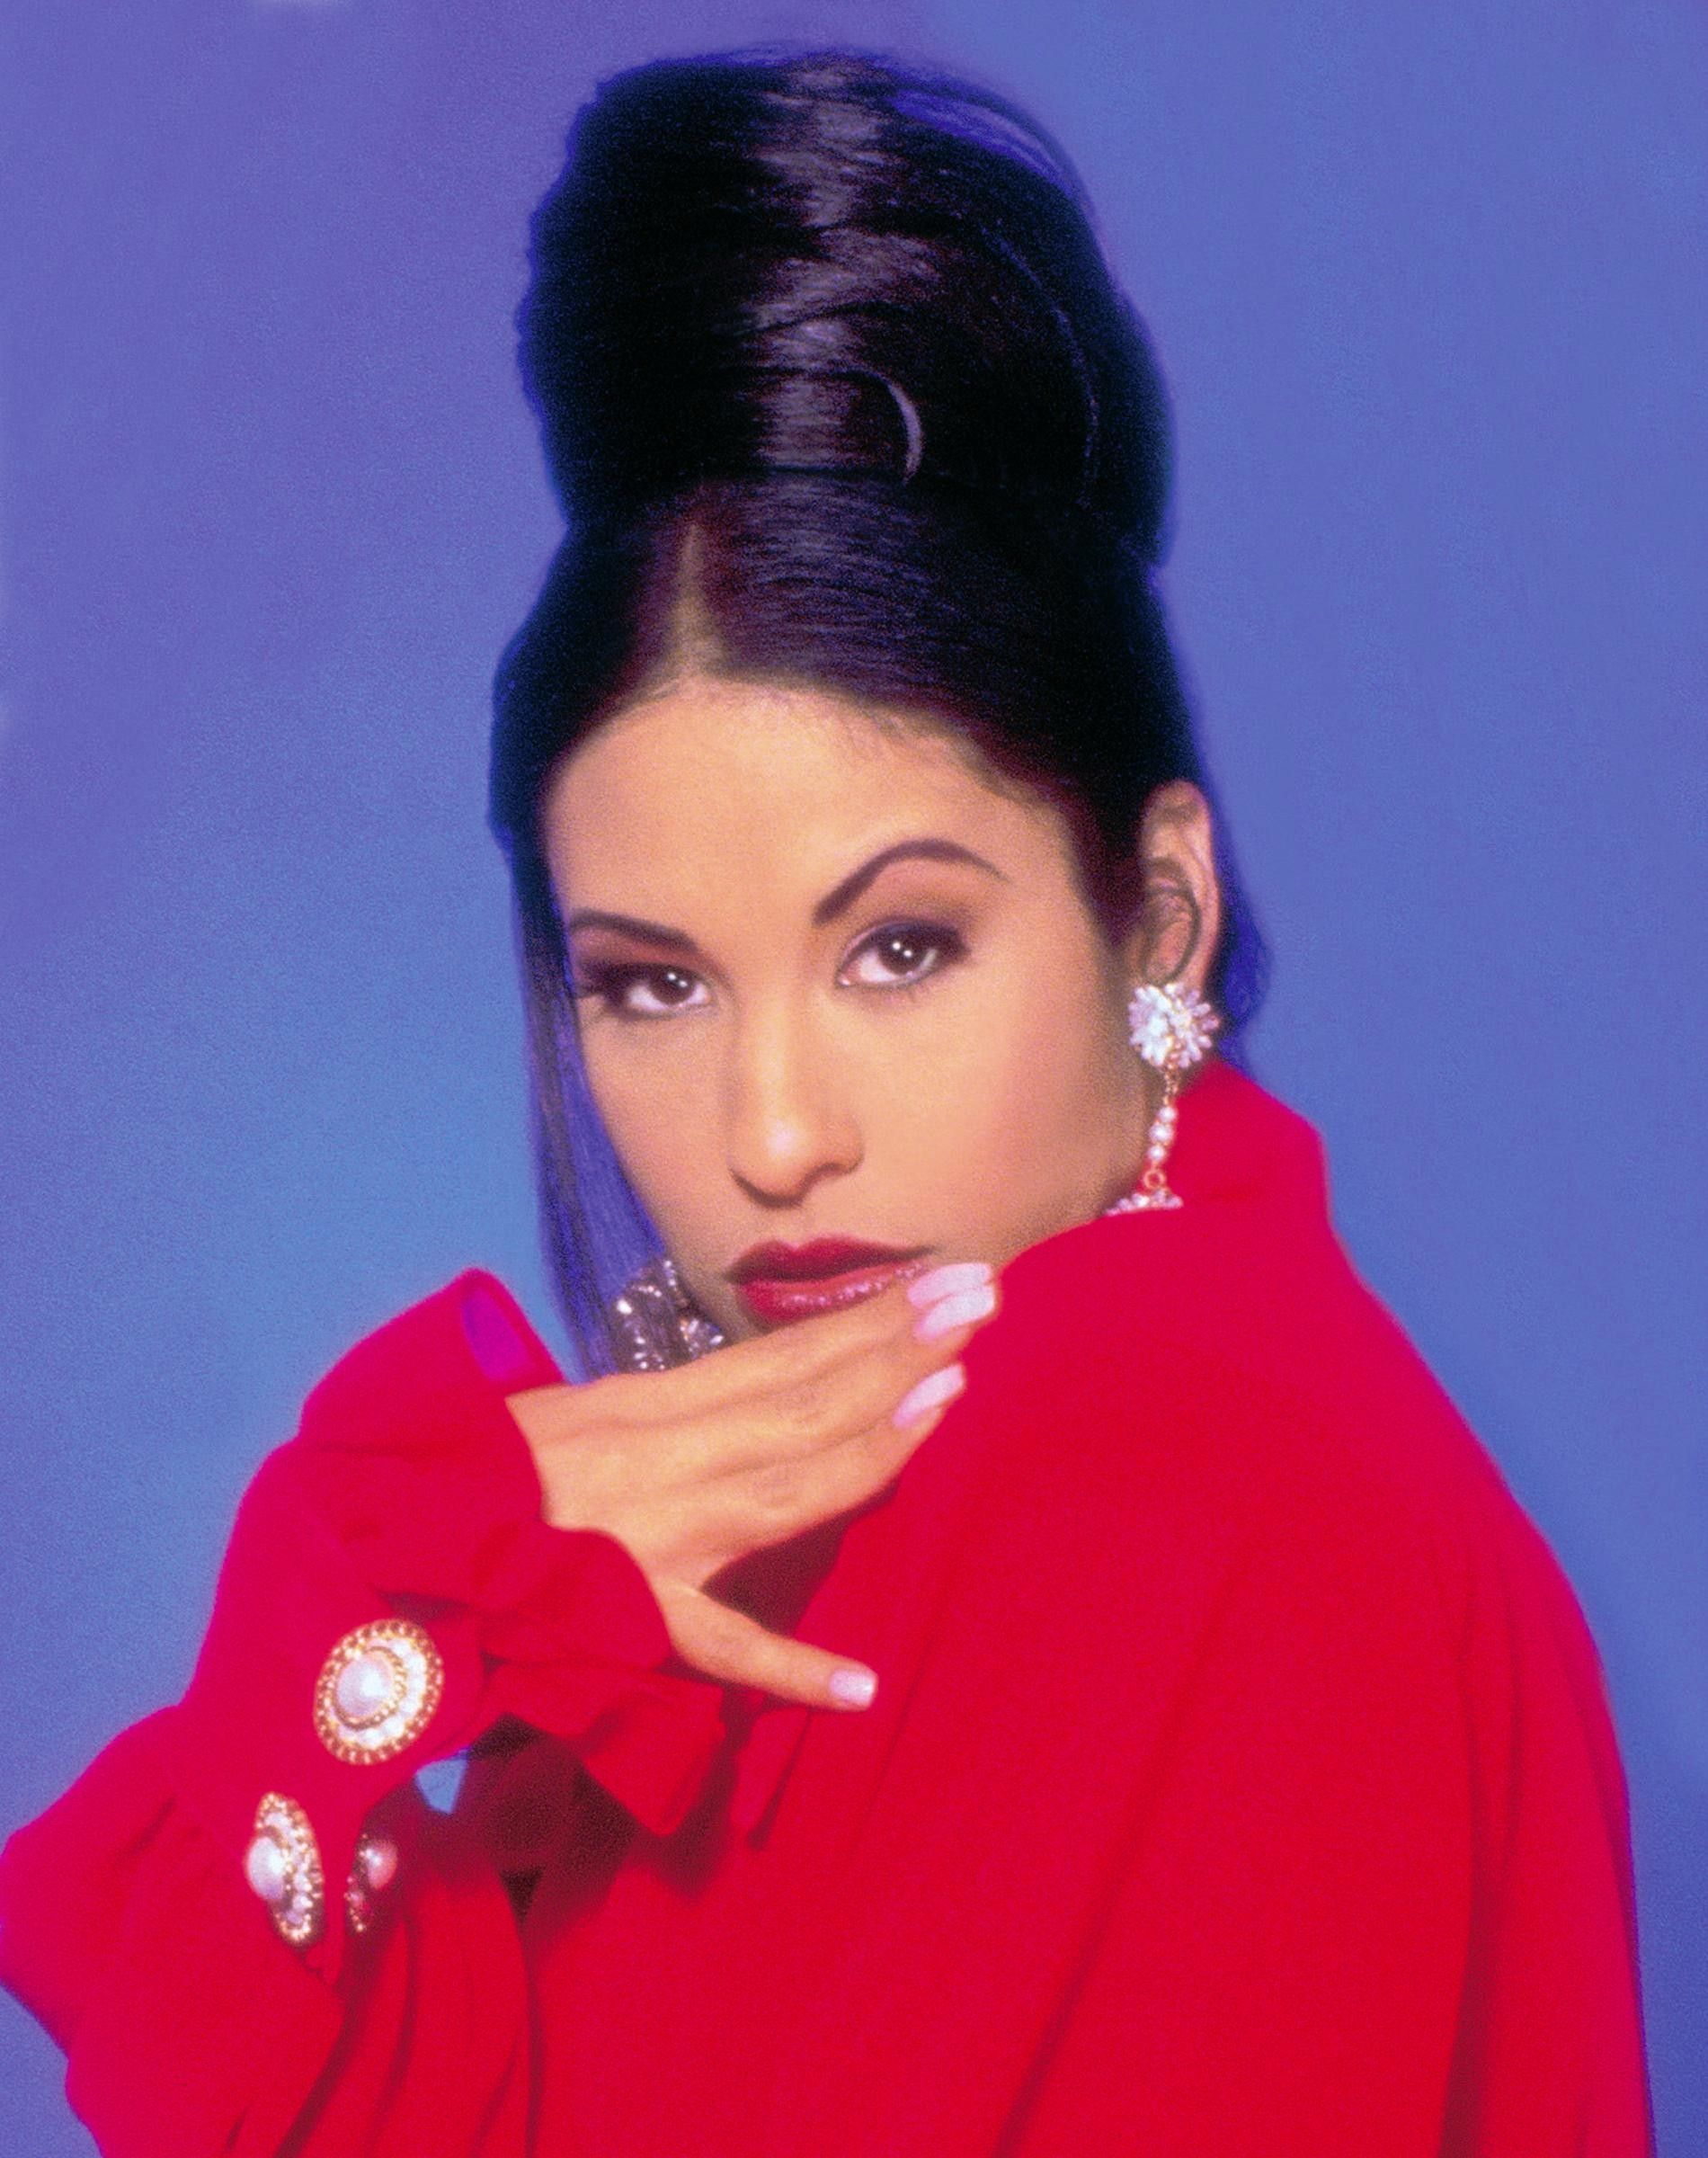 Selena Quintanilla Wallpapers - Top Free Selena Quintanilla ...